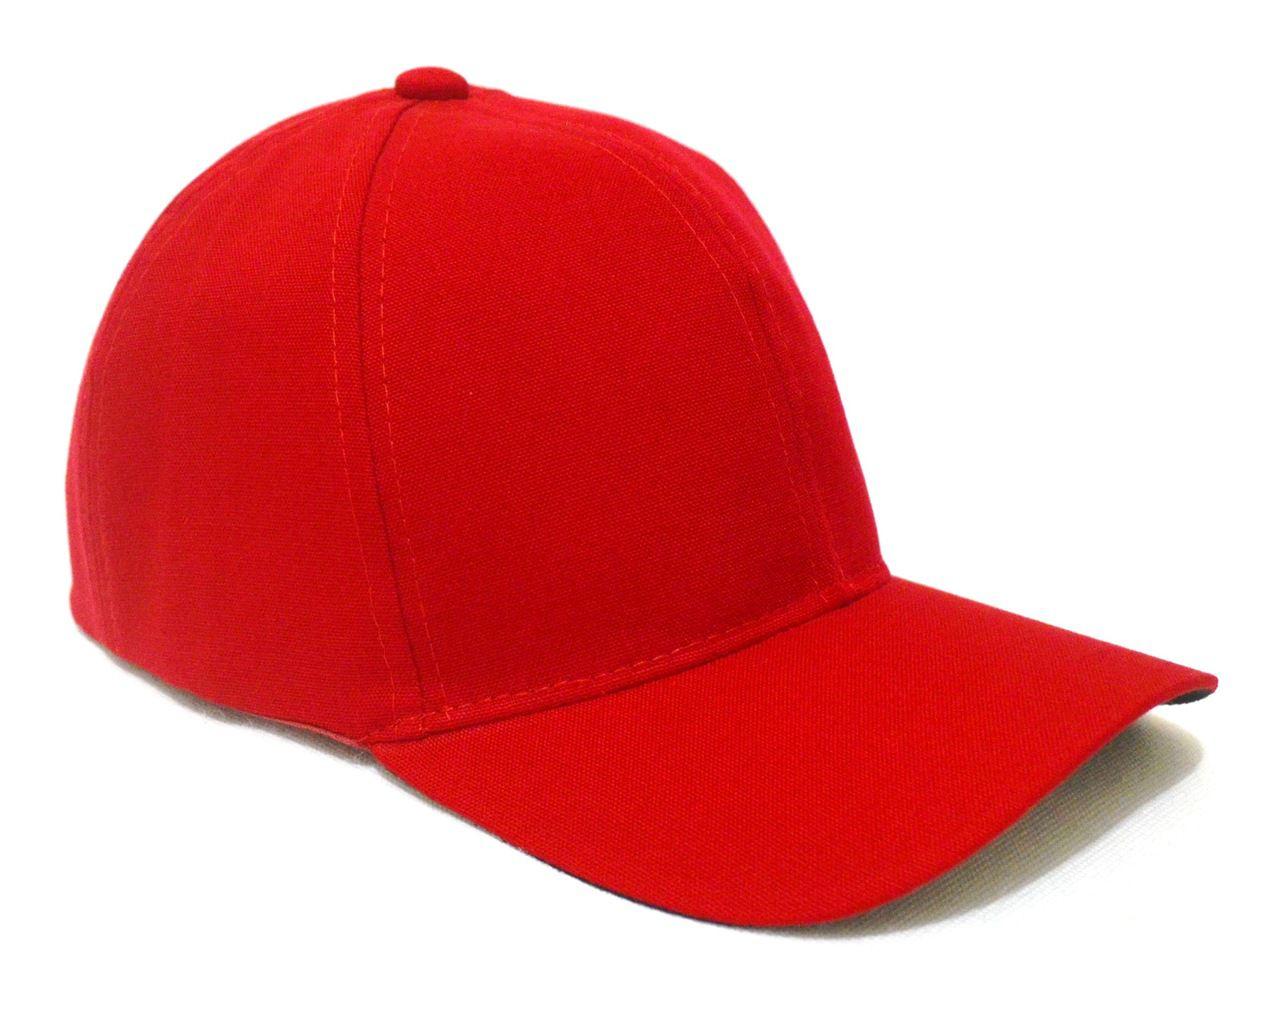 Boné Vermelho Liso Unisex Aba Curva - Super Leve e com Ajuste de Tamanho a4125ad80a5